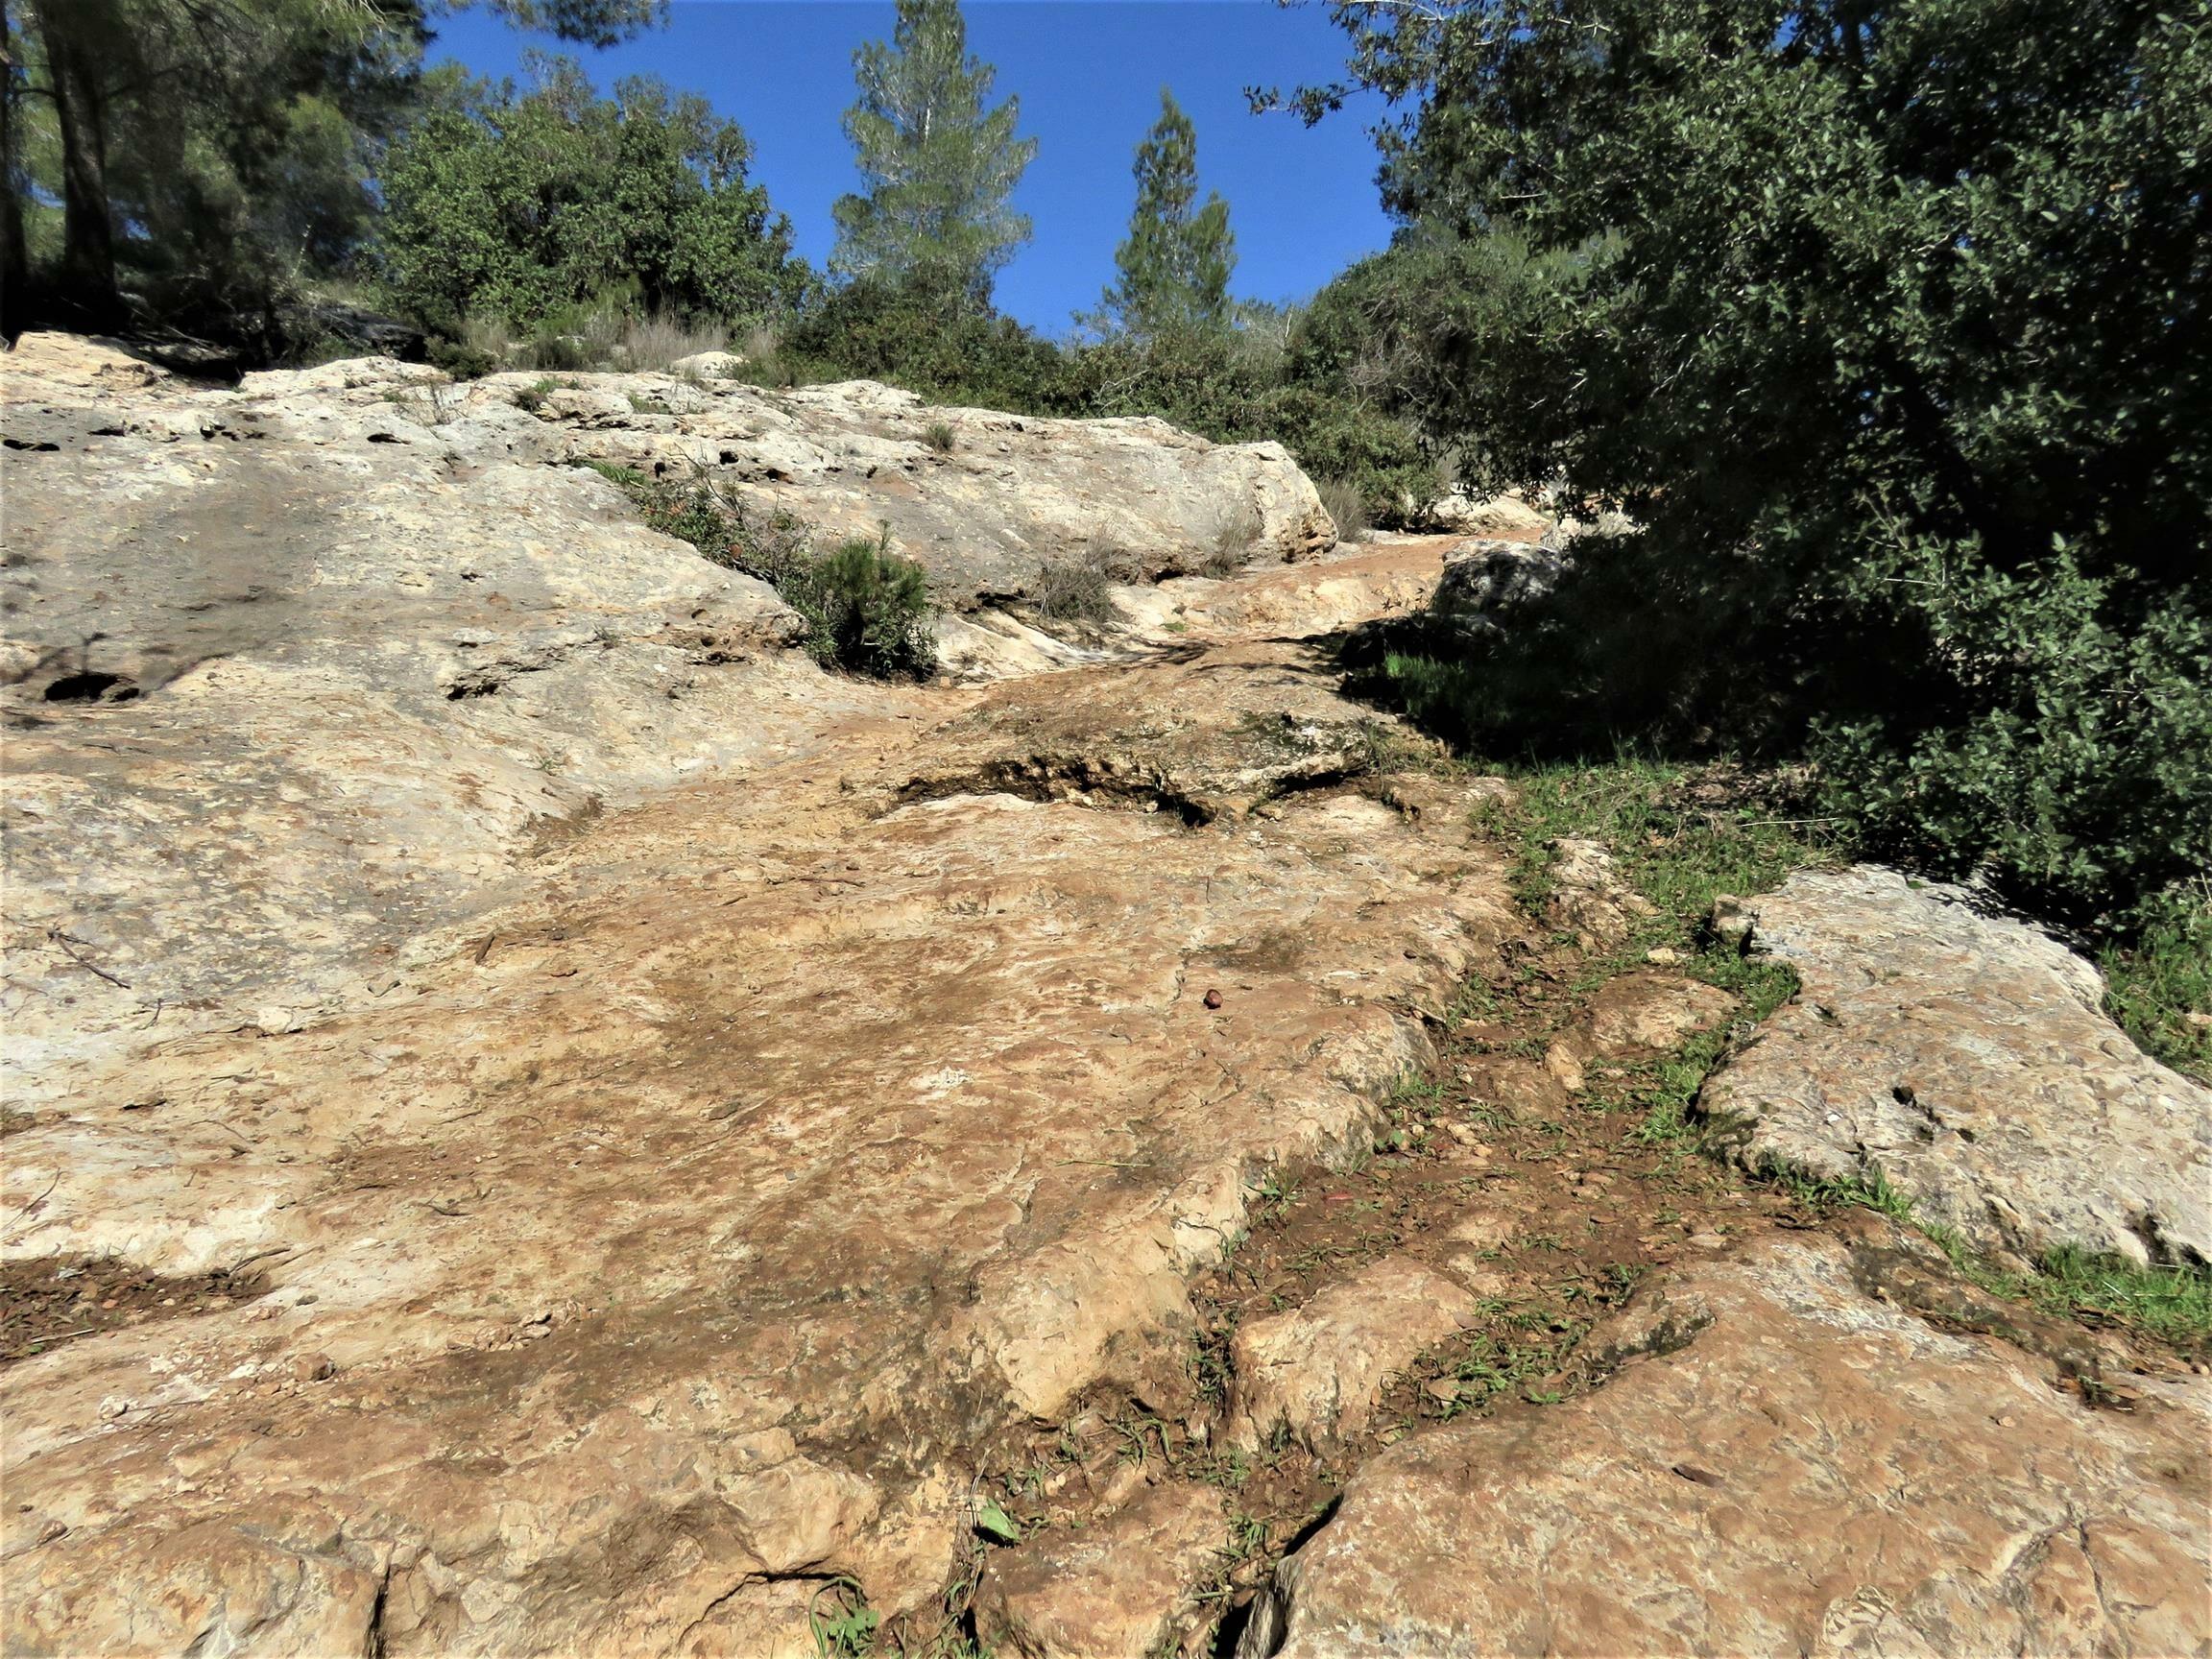 """מדרגות רומיות ליד בור המים בדרך הקיסר, שביל ישראל, צילום: ד""""ר ענת אביטל"""